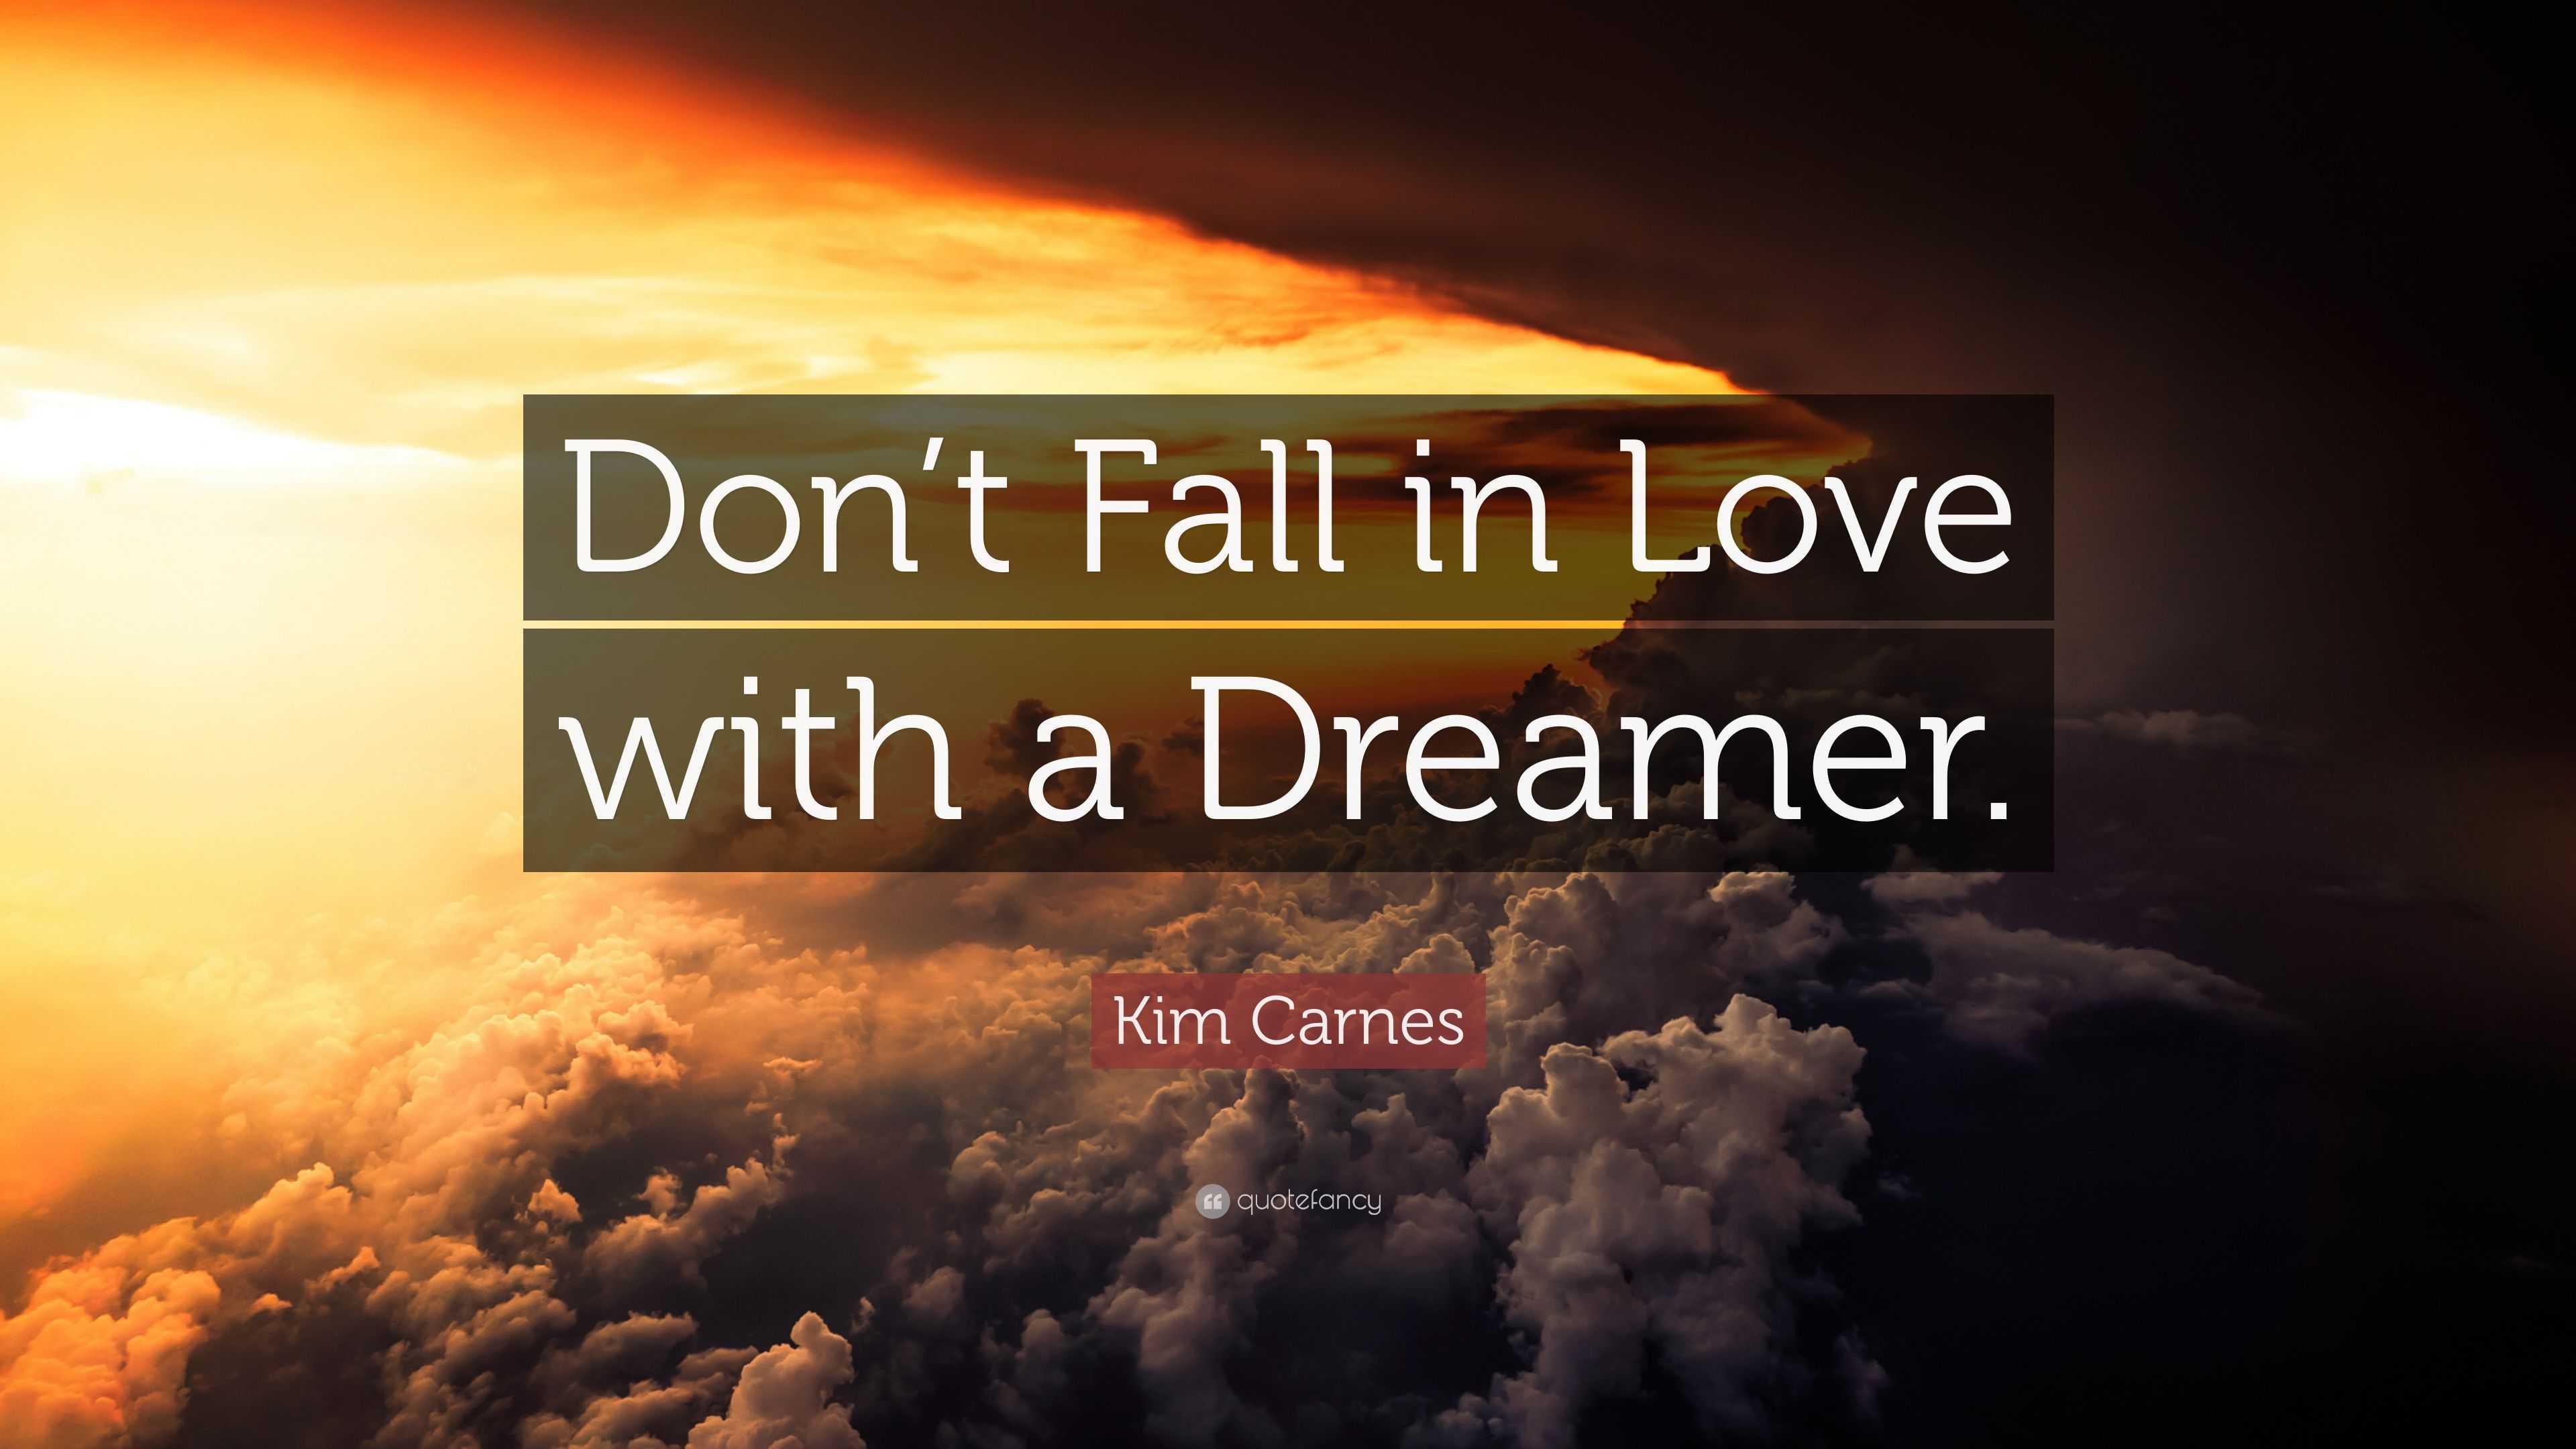 Kim Carnes Quote: U201cDonu0027t Fall In Love With A Dreamer.u201d